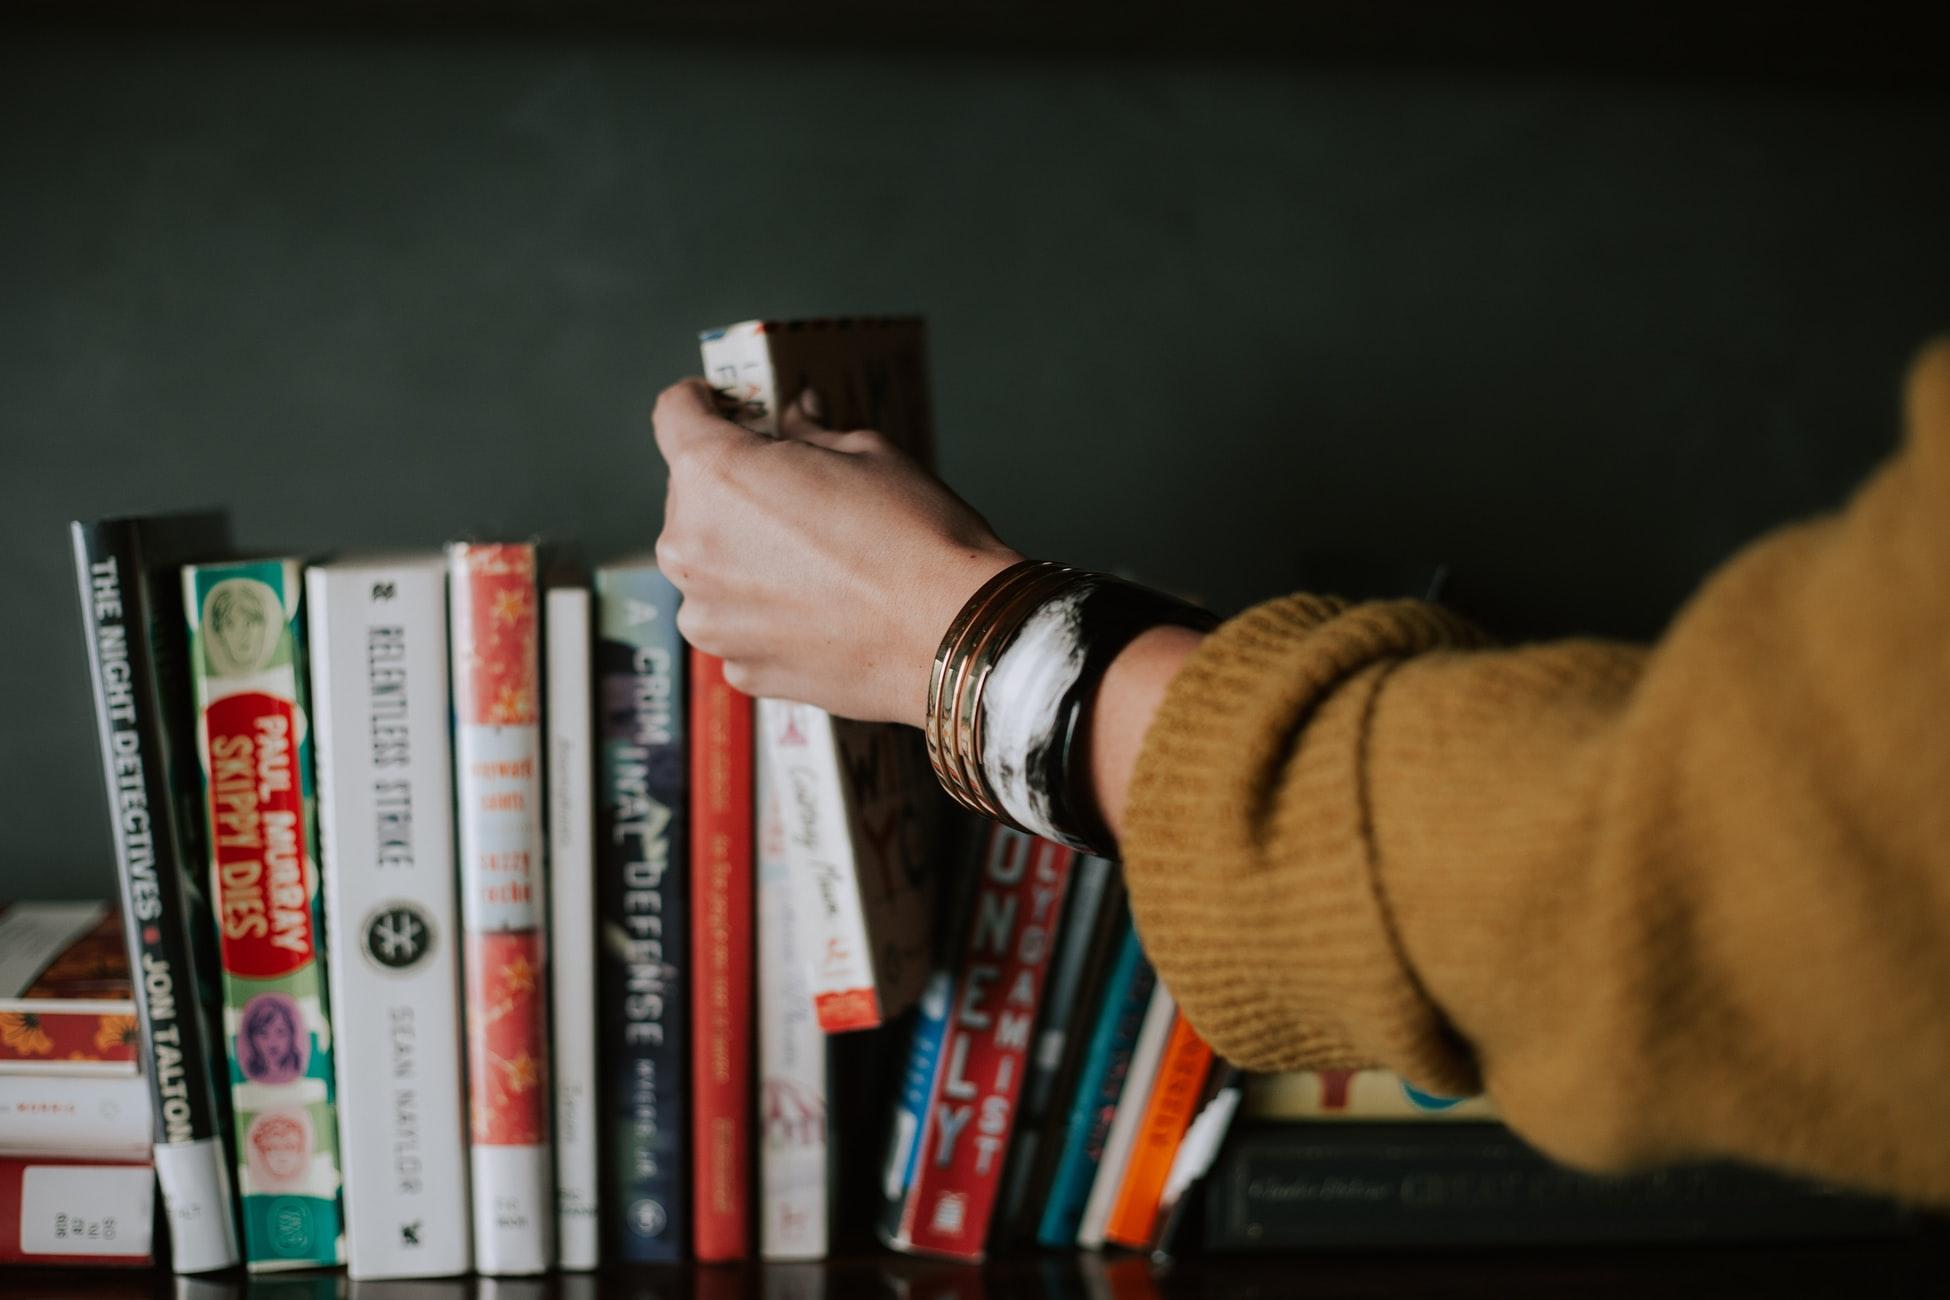 Îi știți pe cei 18 scriitori născuți în luna iunie? Le-ați citit și cărțile?